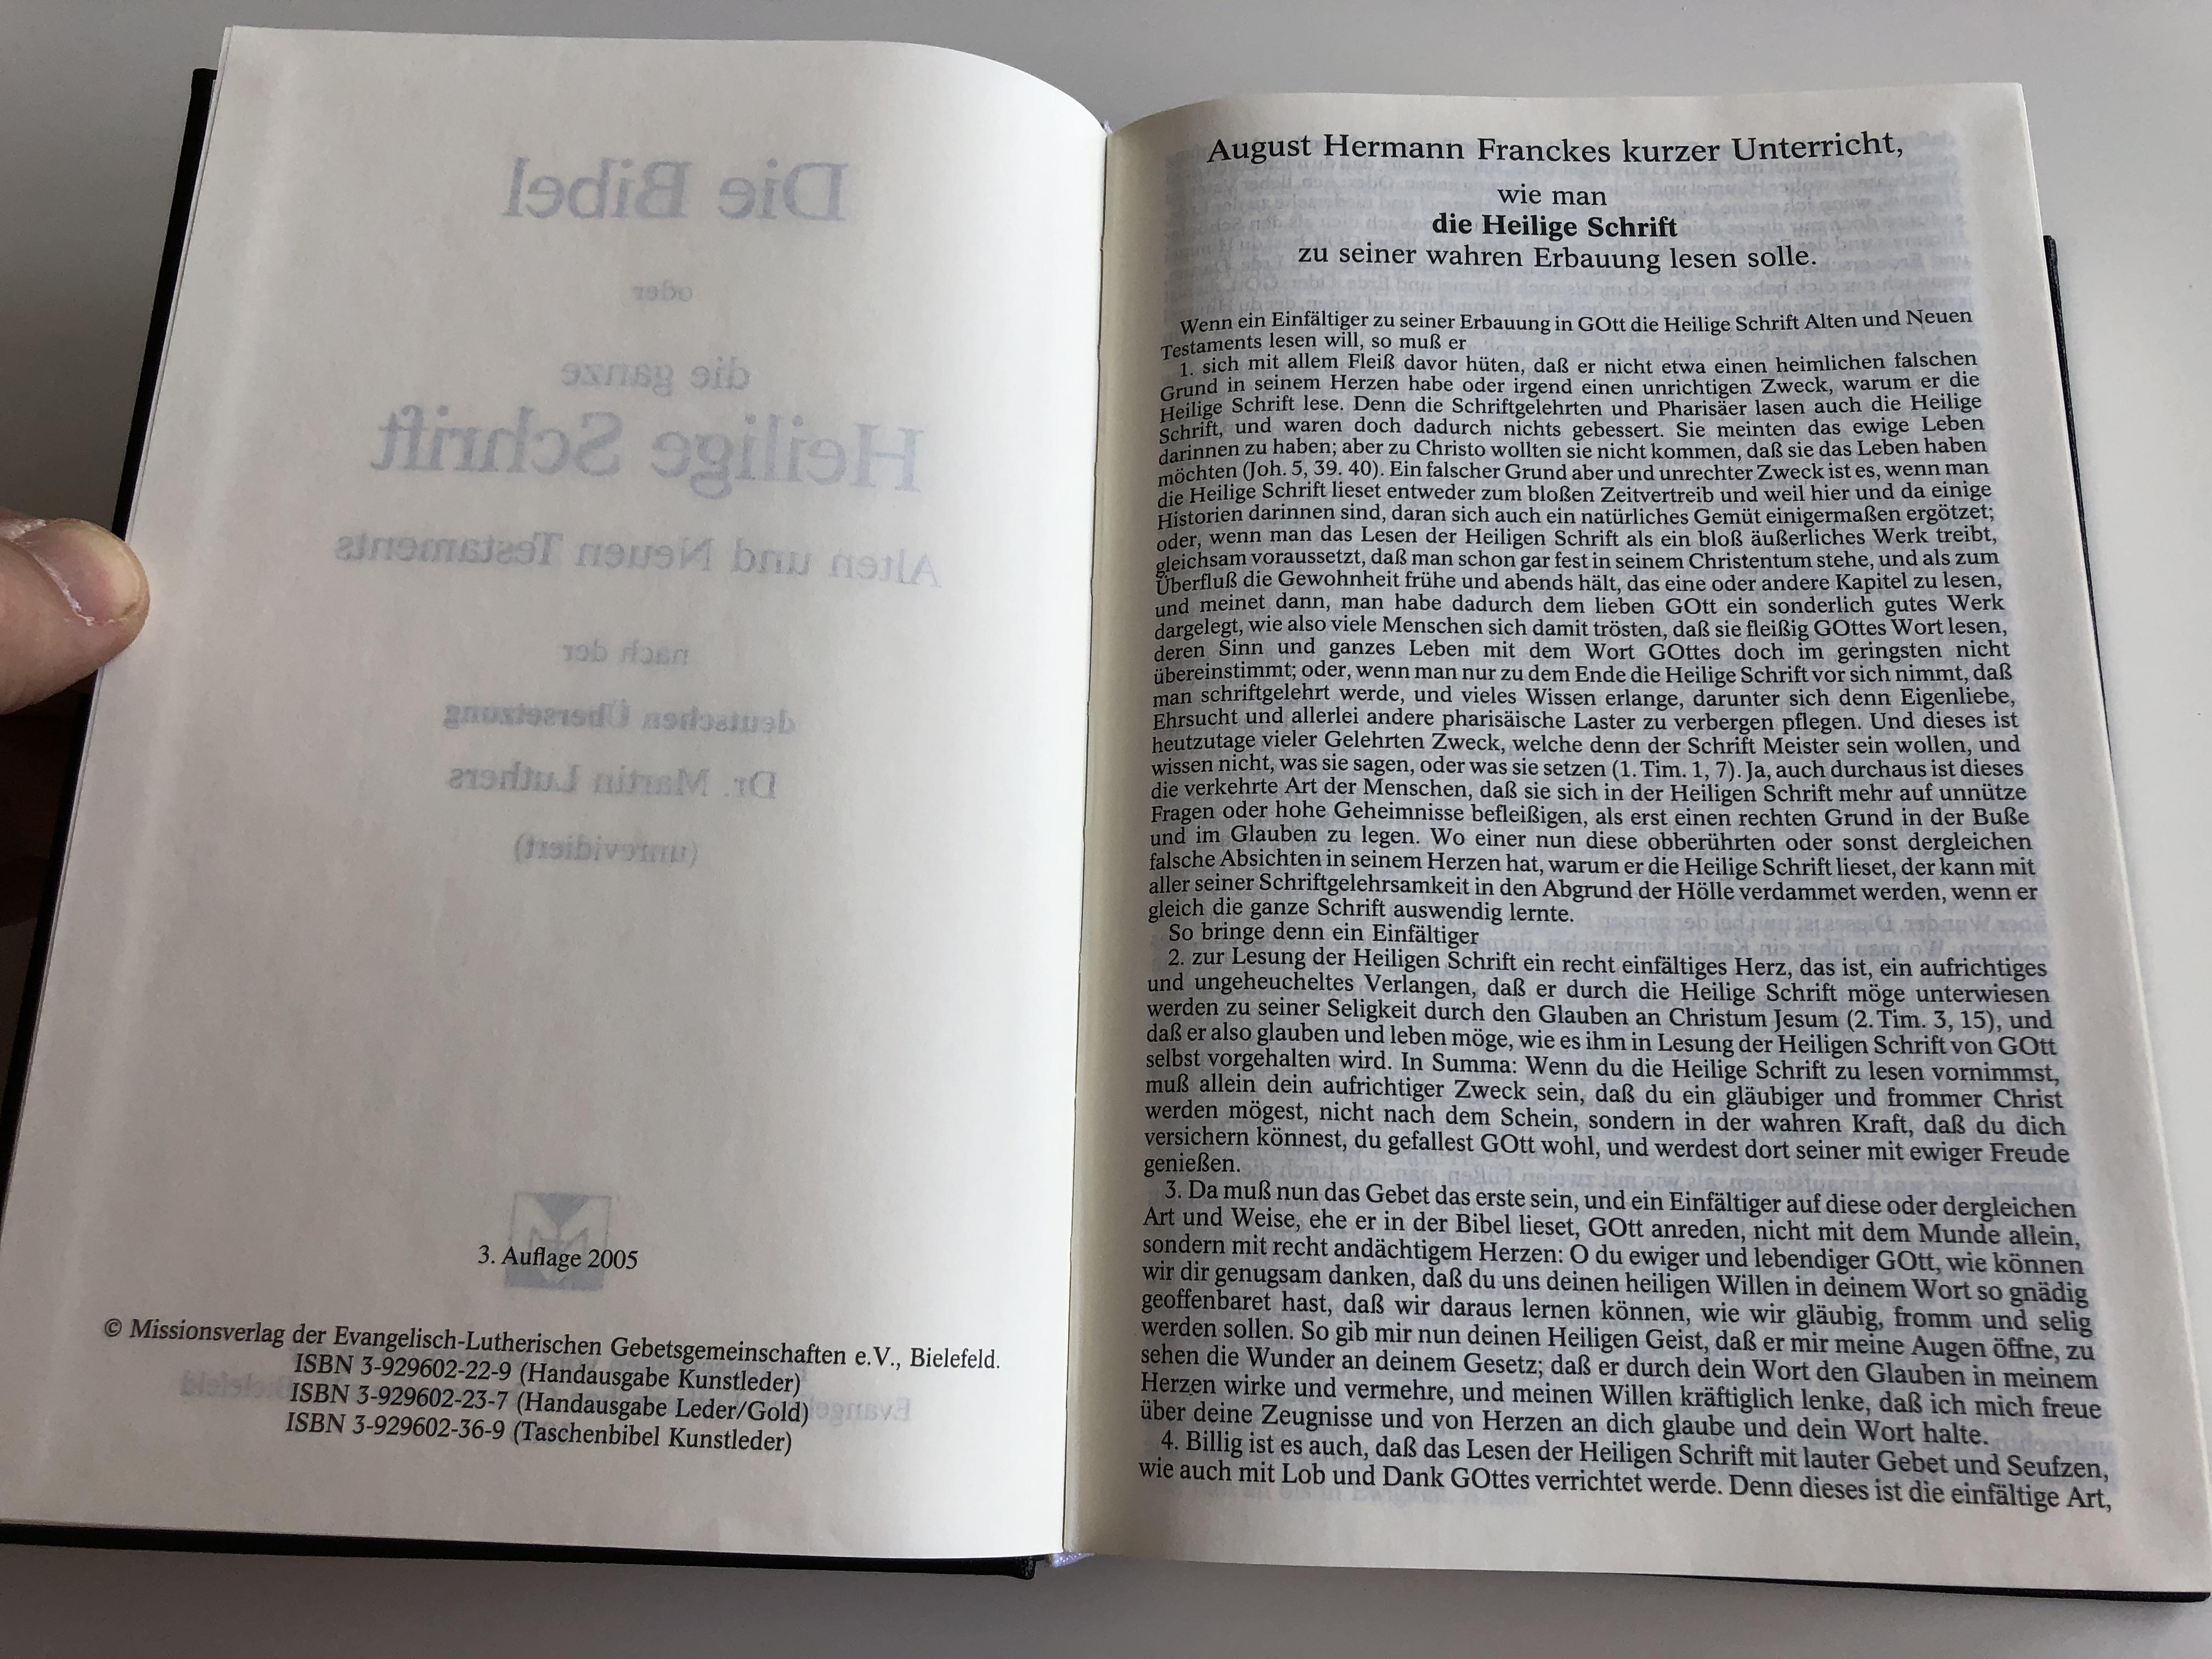 german-bible-die-bibel-die-heilige-schrift-ausgabe-von-1545-7-.jpg